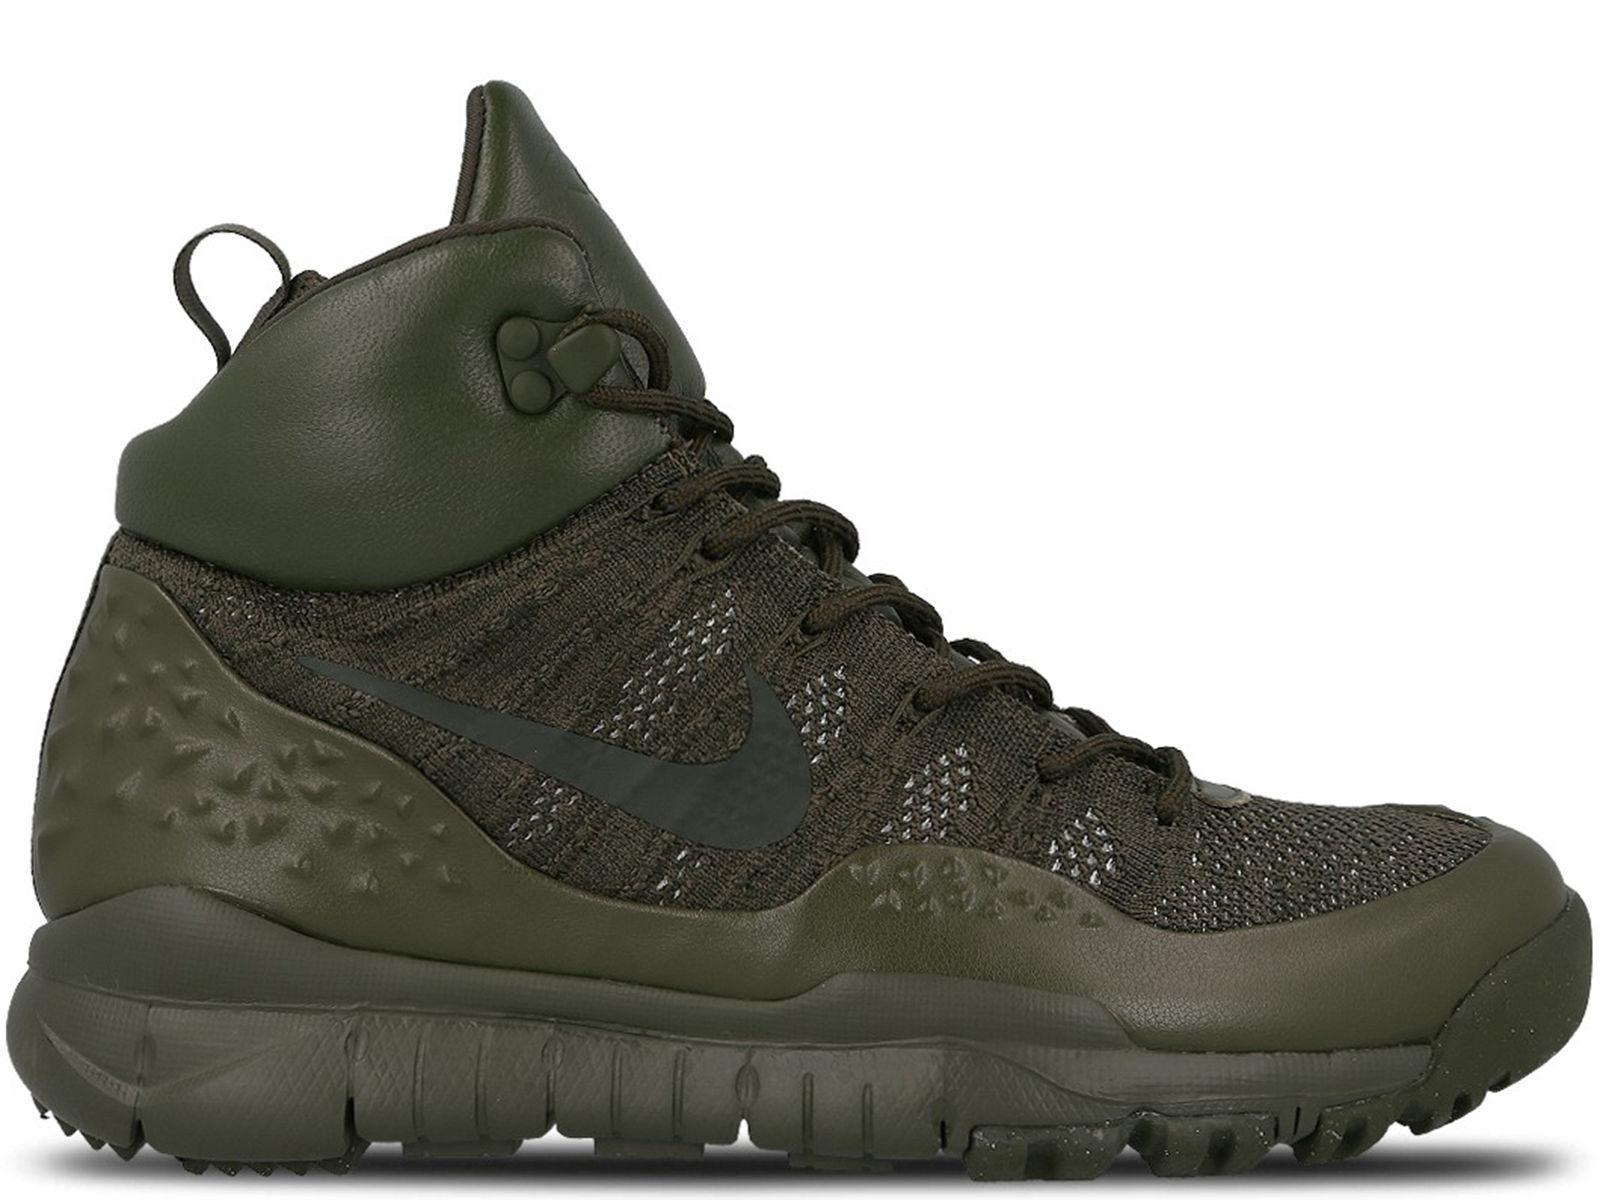 Nike Lupinek Flyknit Cargo Khaki Men's Size 11 Sneaker Boot 862505-300 NEW  250